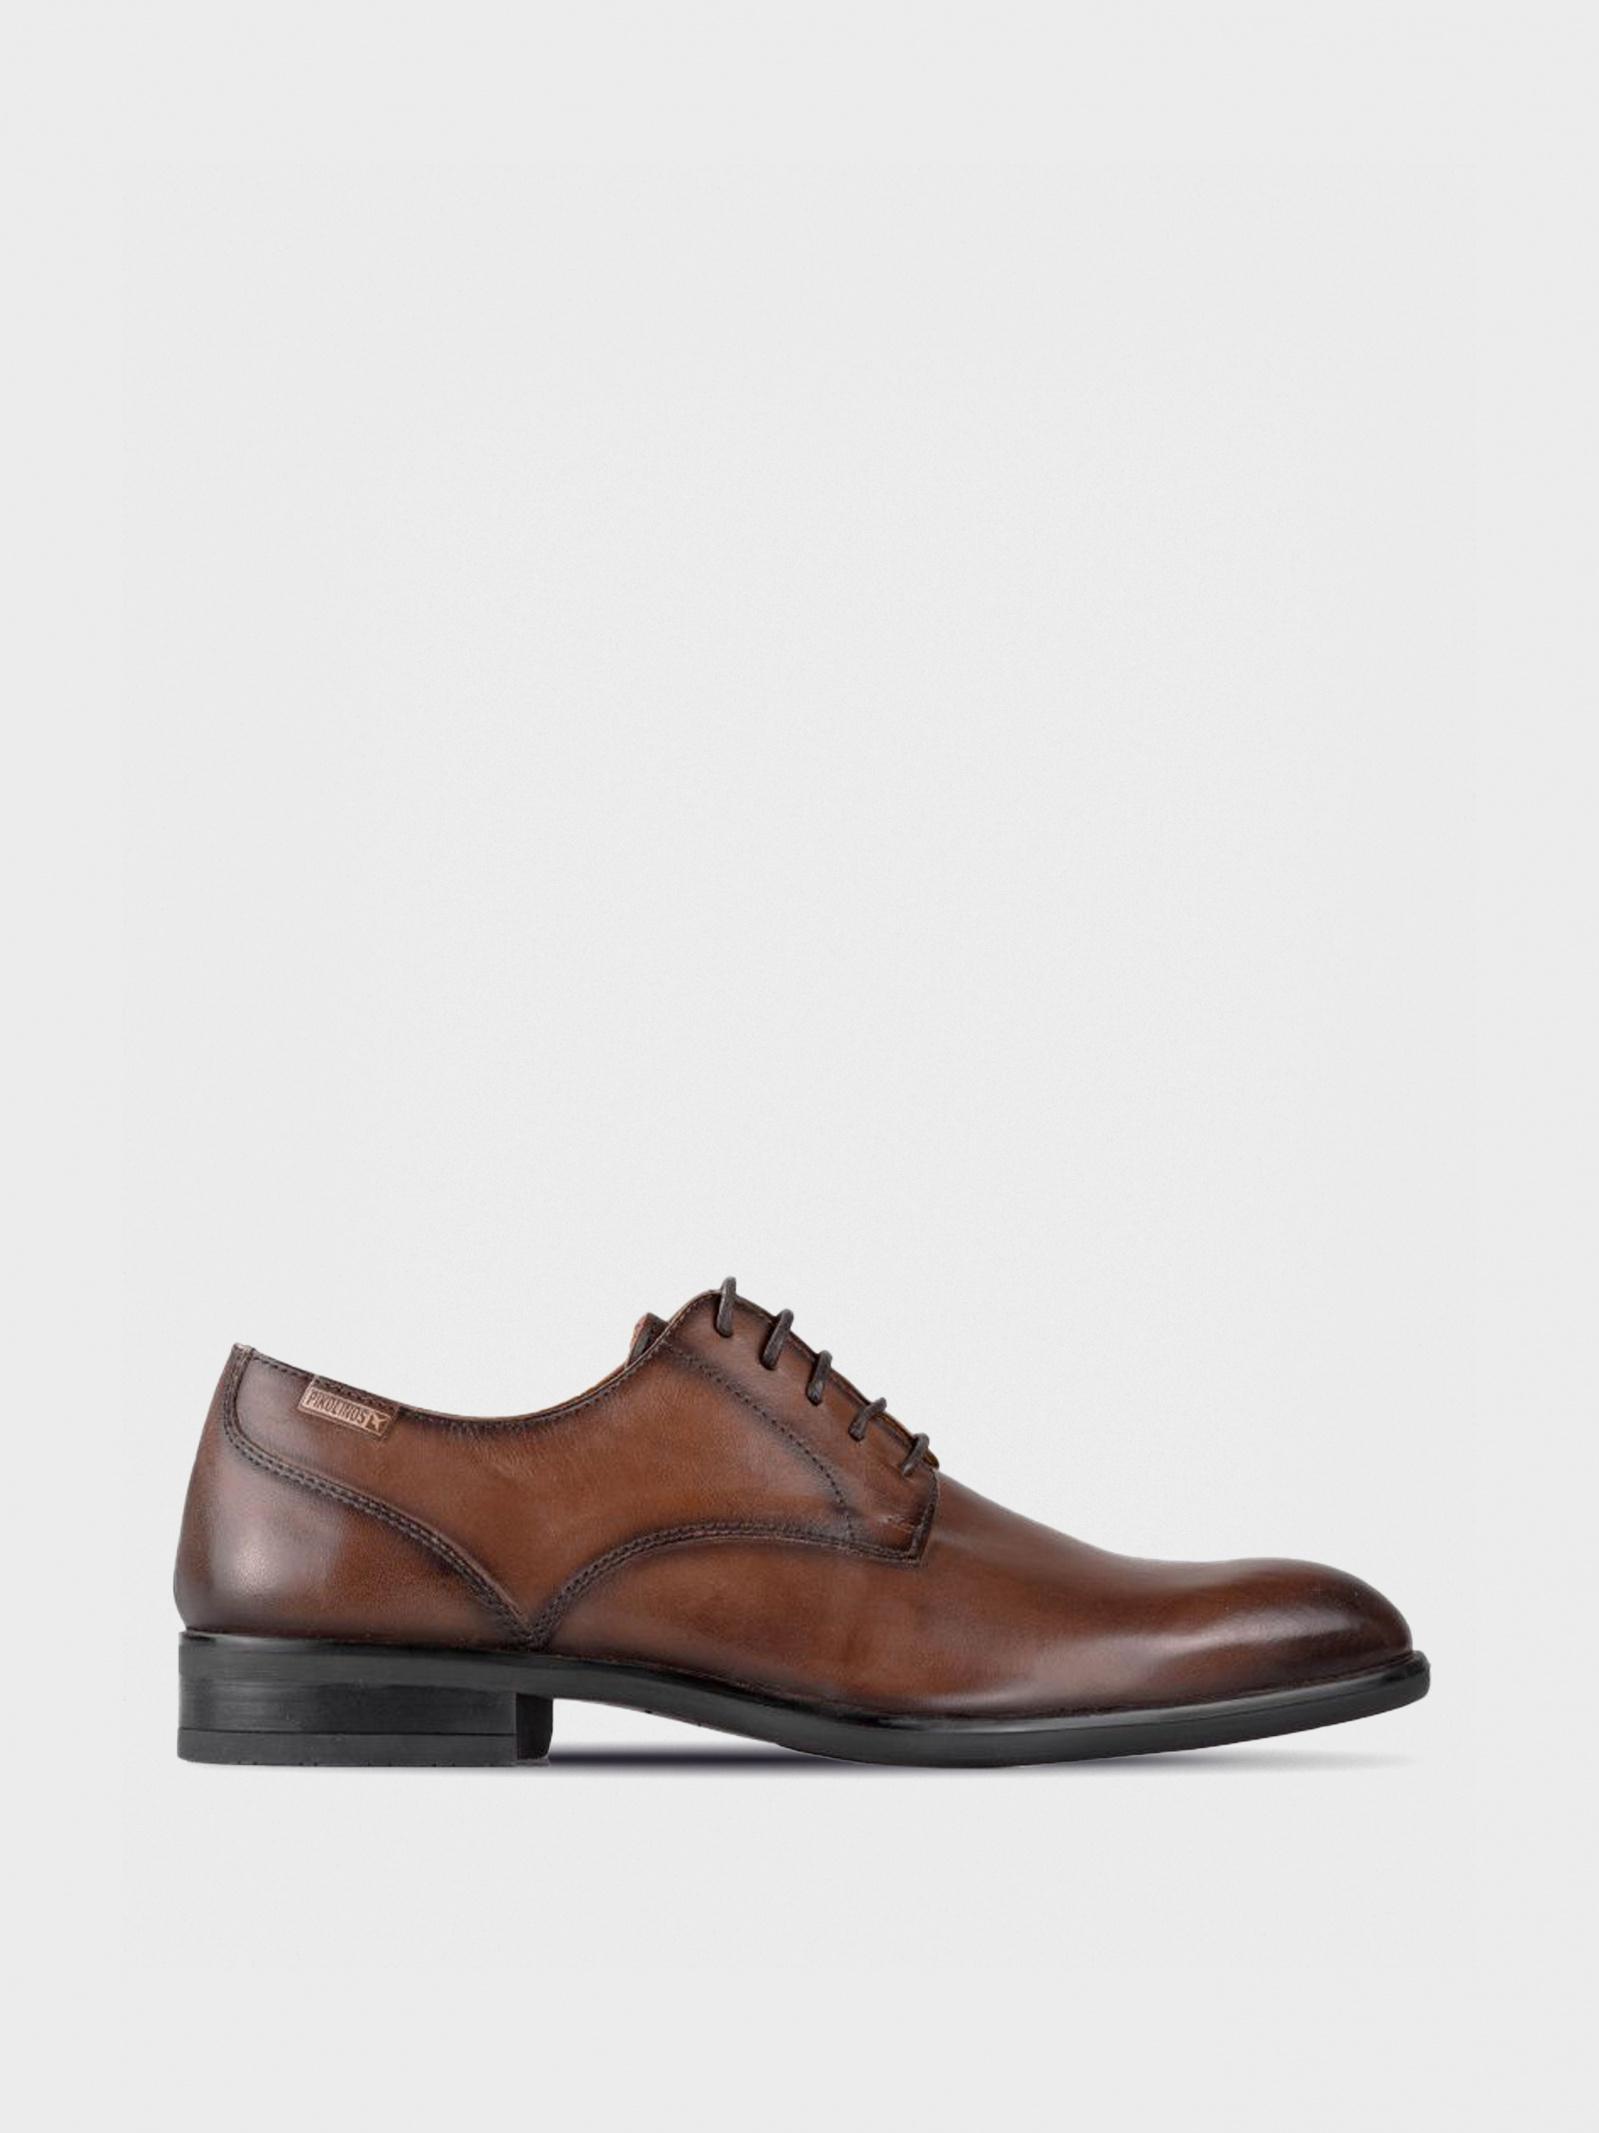 Туфли мужские PIKOLINOS BRISTOL SH272 стоимость, 2017